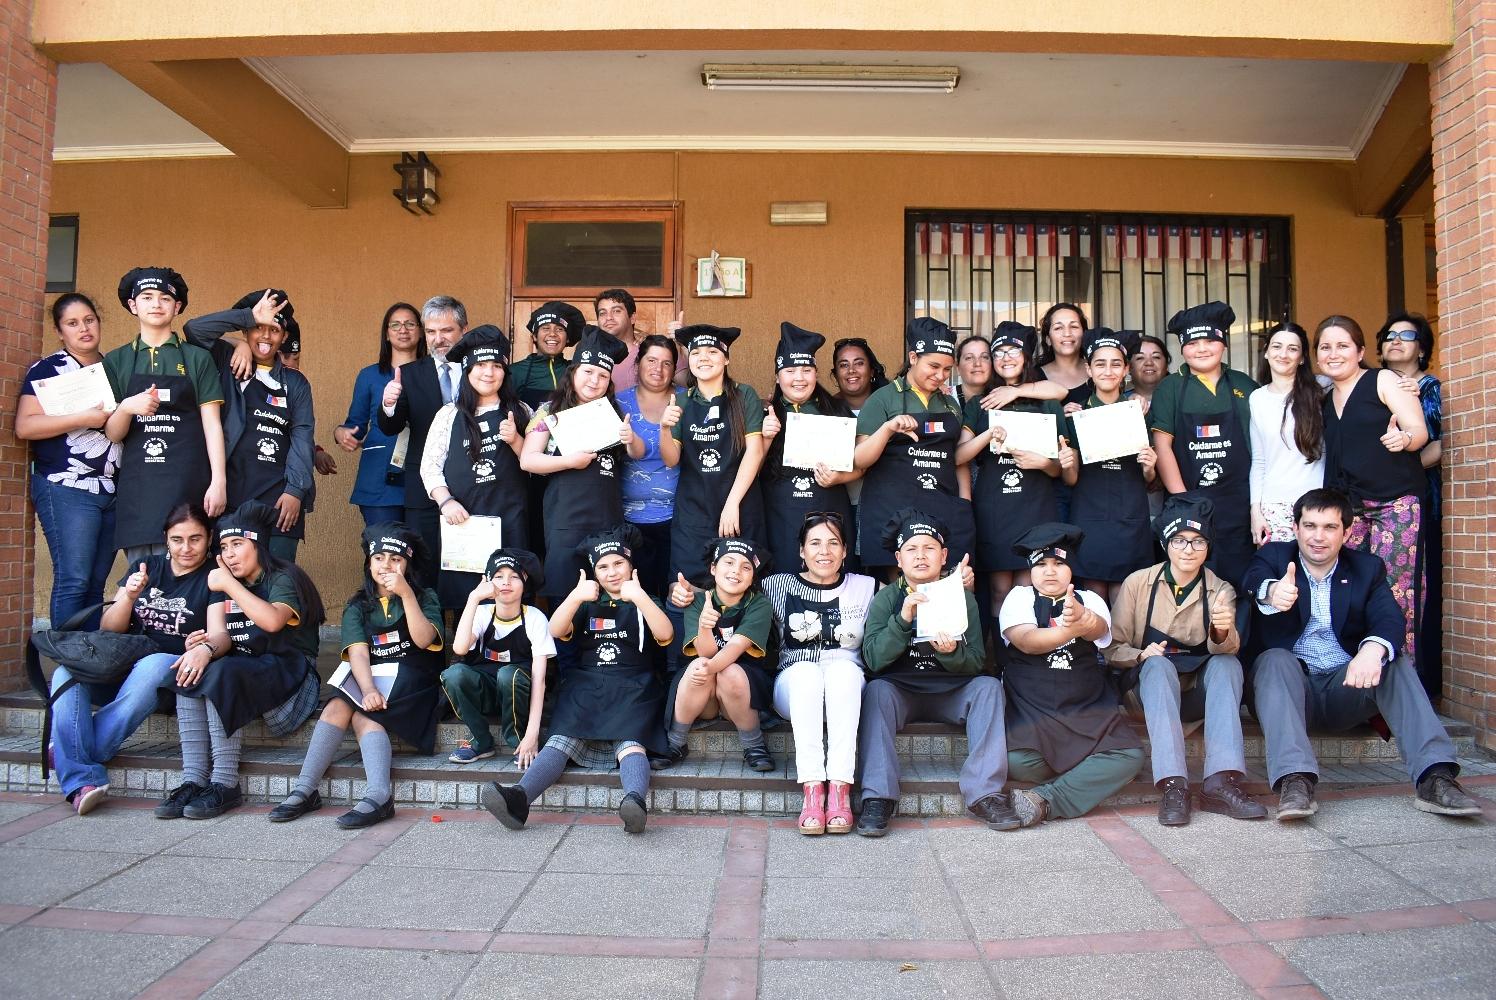 Niños de la escuela Esperanza de Talca participaron de proyecto que fomenta la alimentación saludable y la actividad física - Maulee.cl Diario electrónico de la Región del Maule